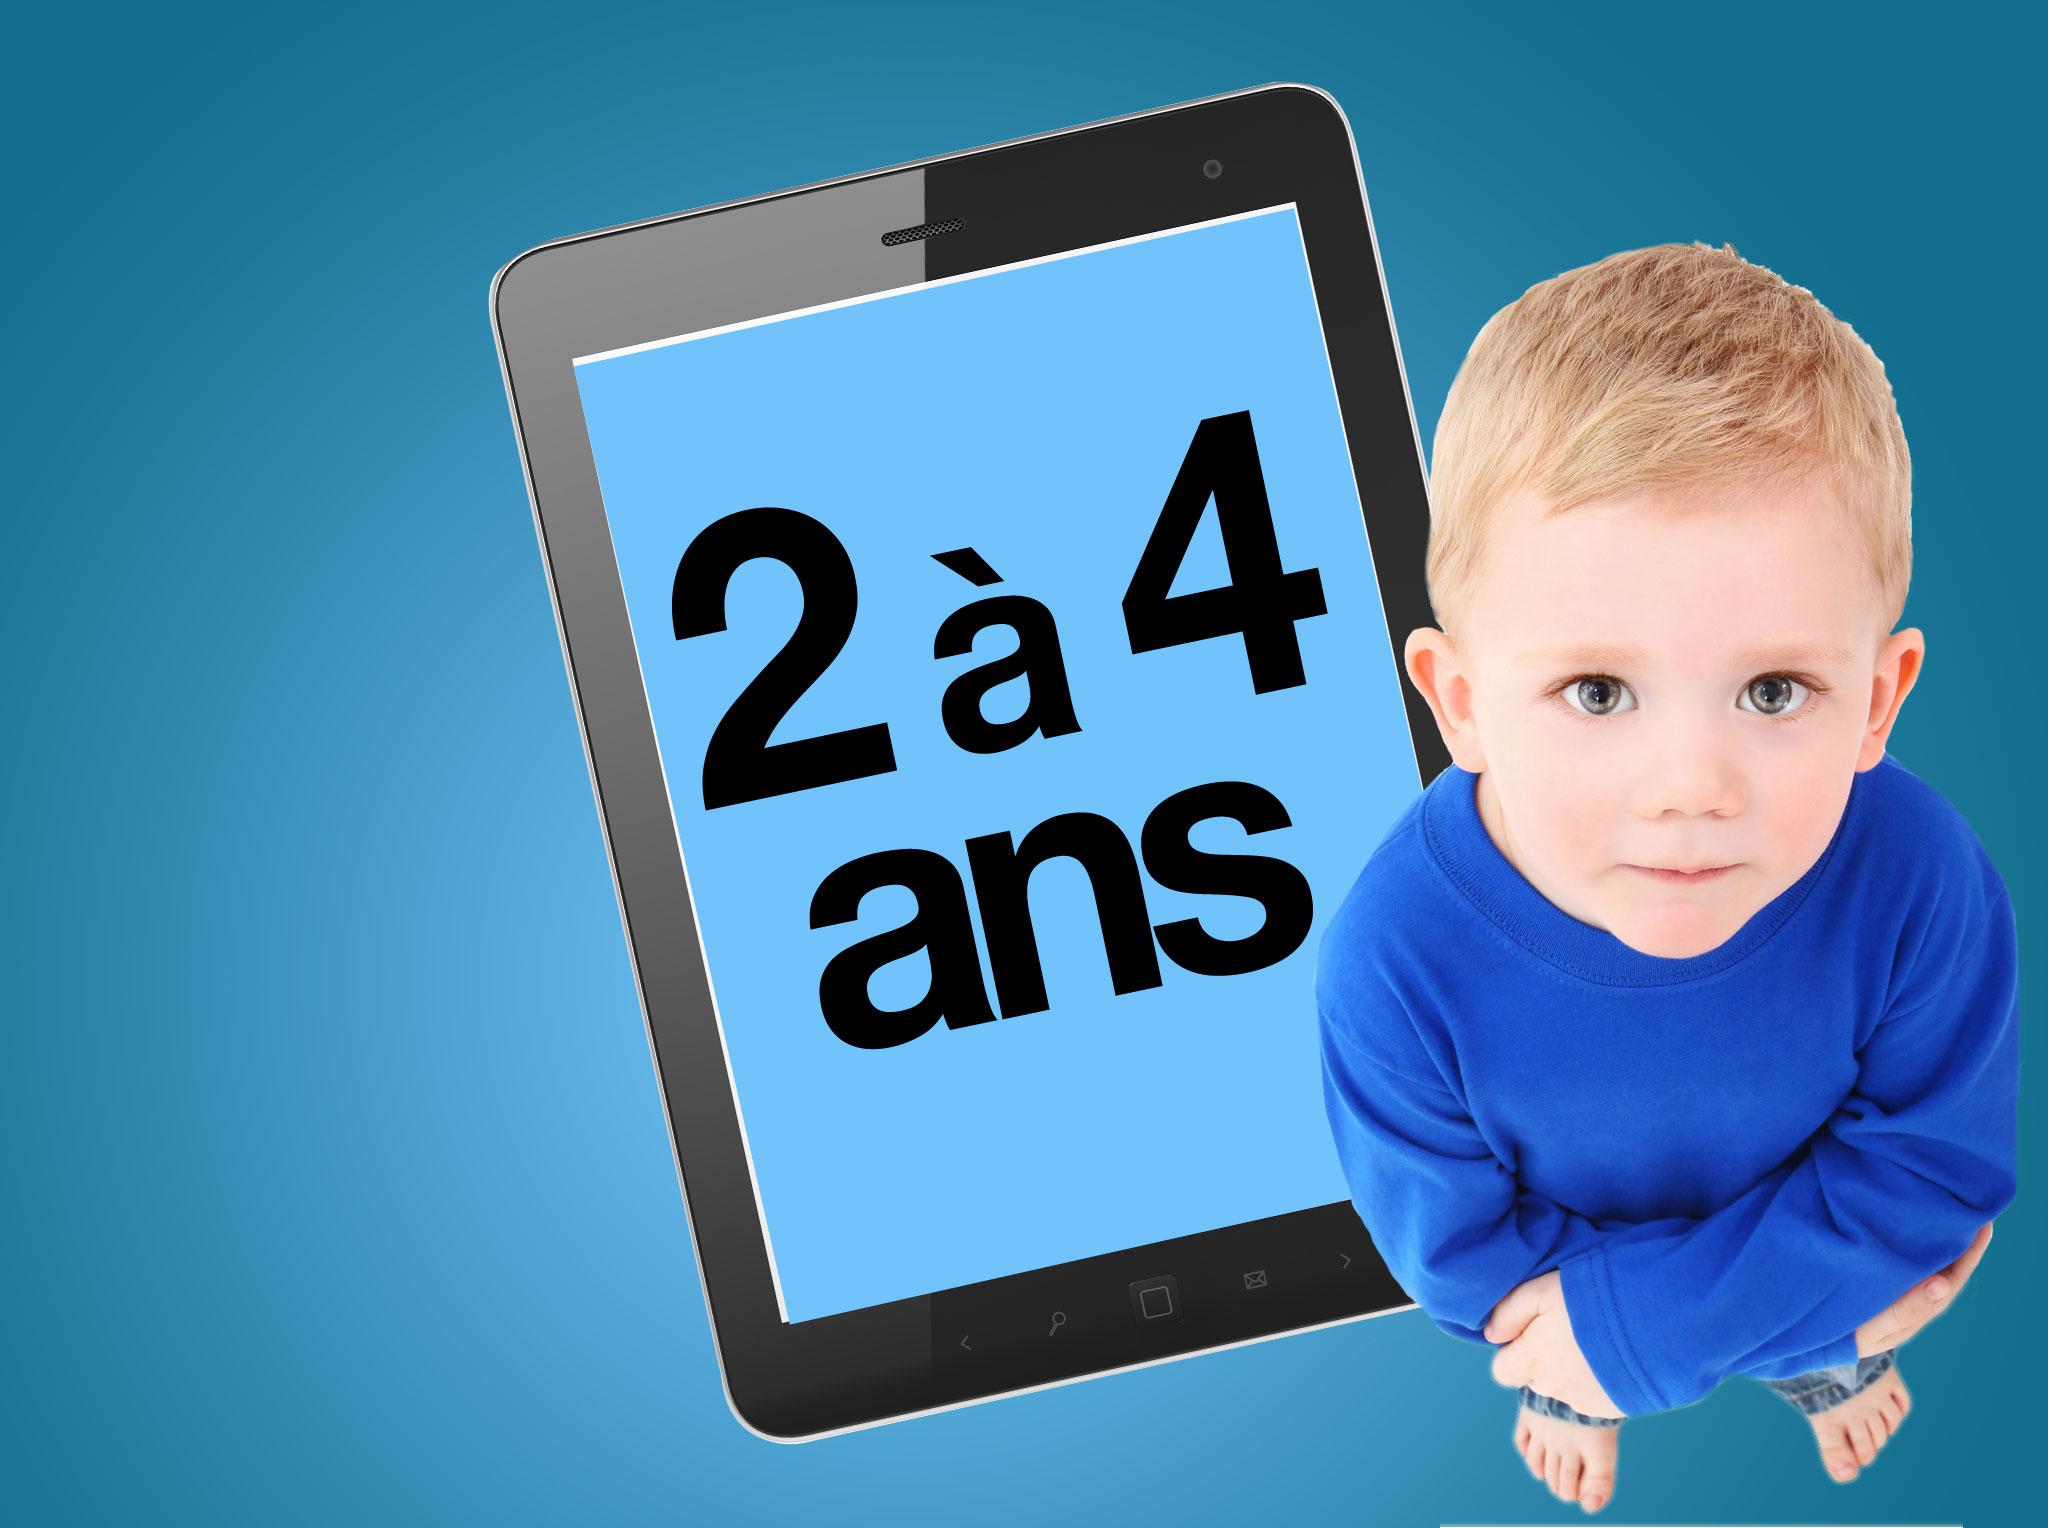 Jeux Sur Tablette: 64 Choix Pour Enfants | Protégez-Vous.ca avec Jeu Educatif 4 Ans Gratuit En Ligne